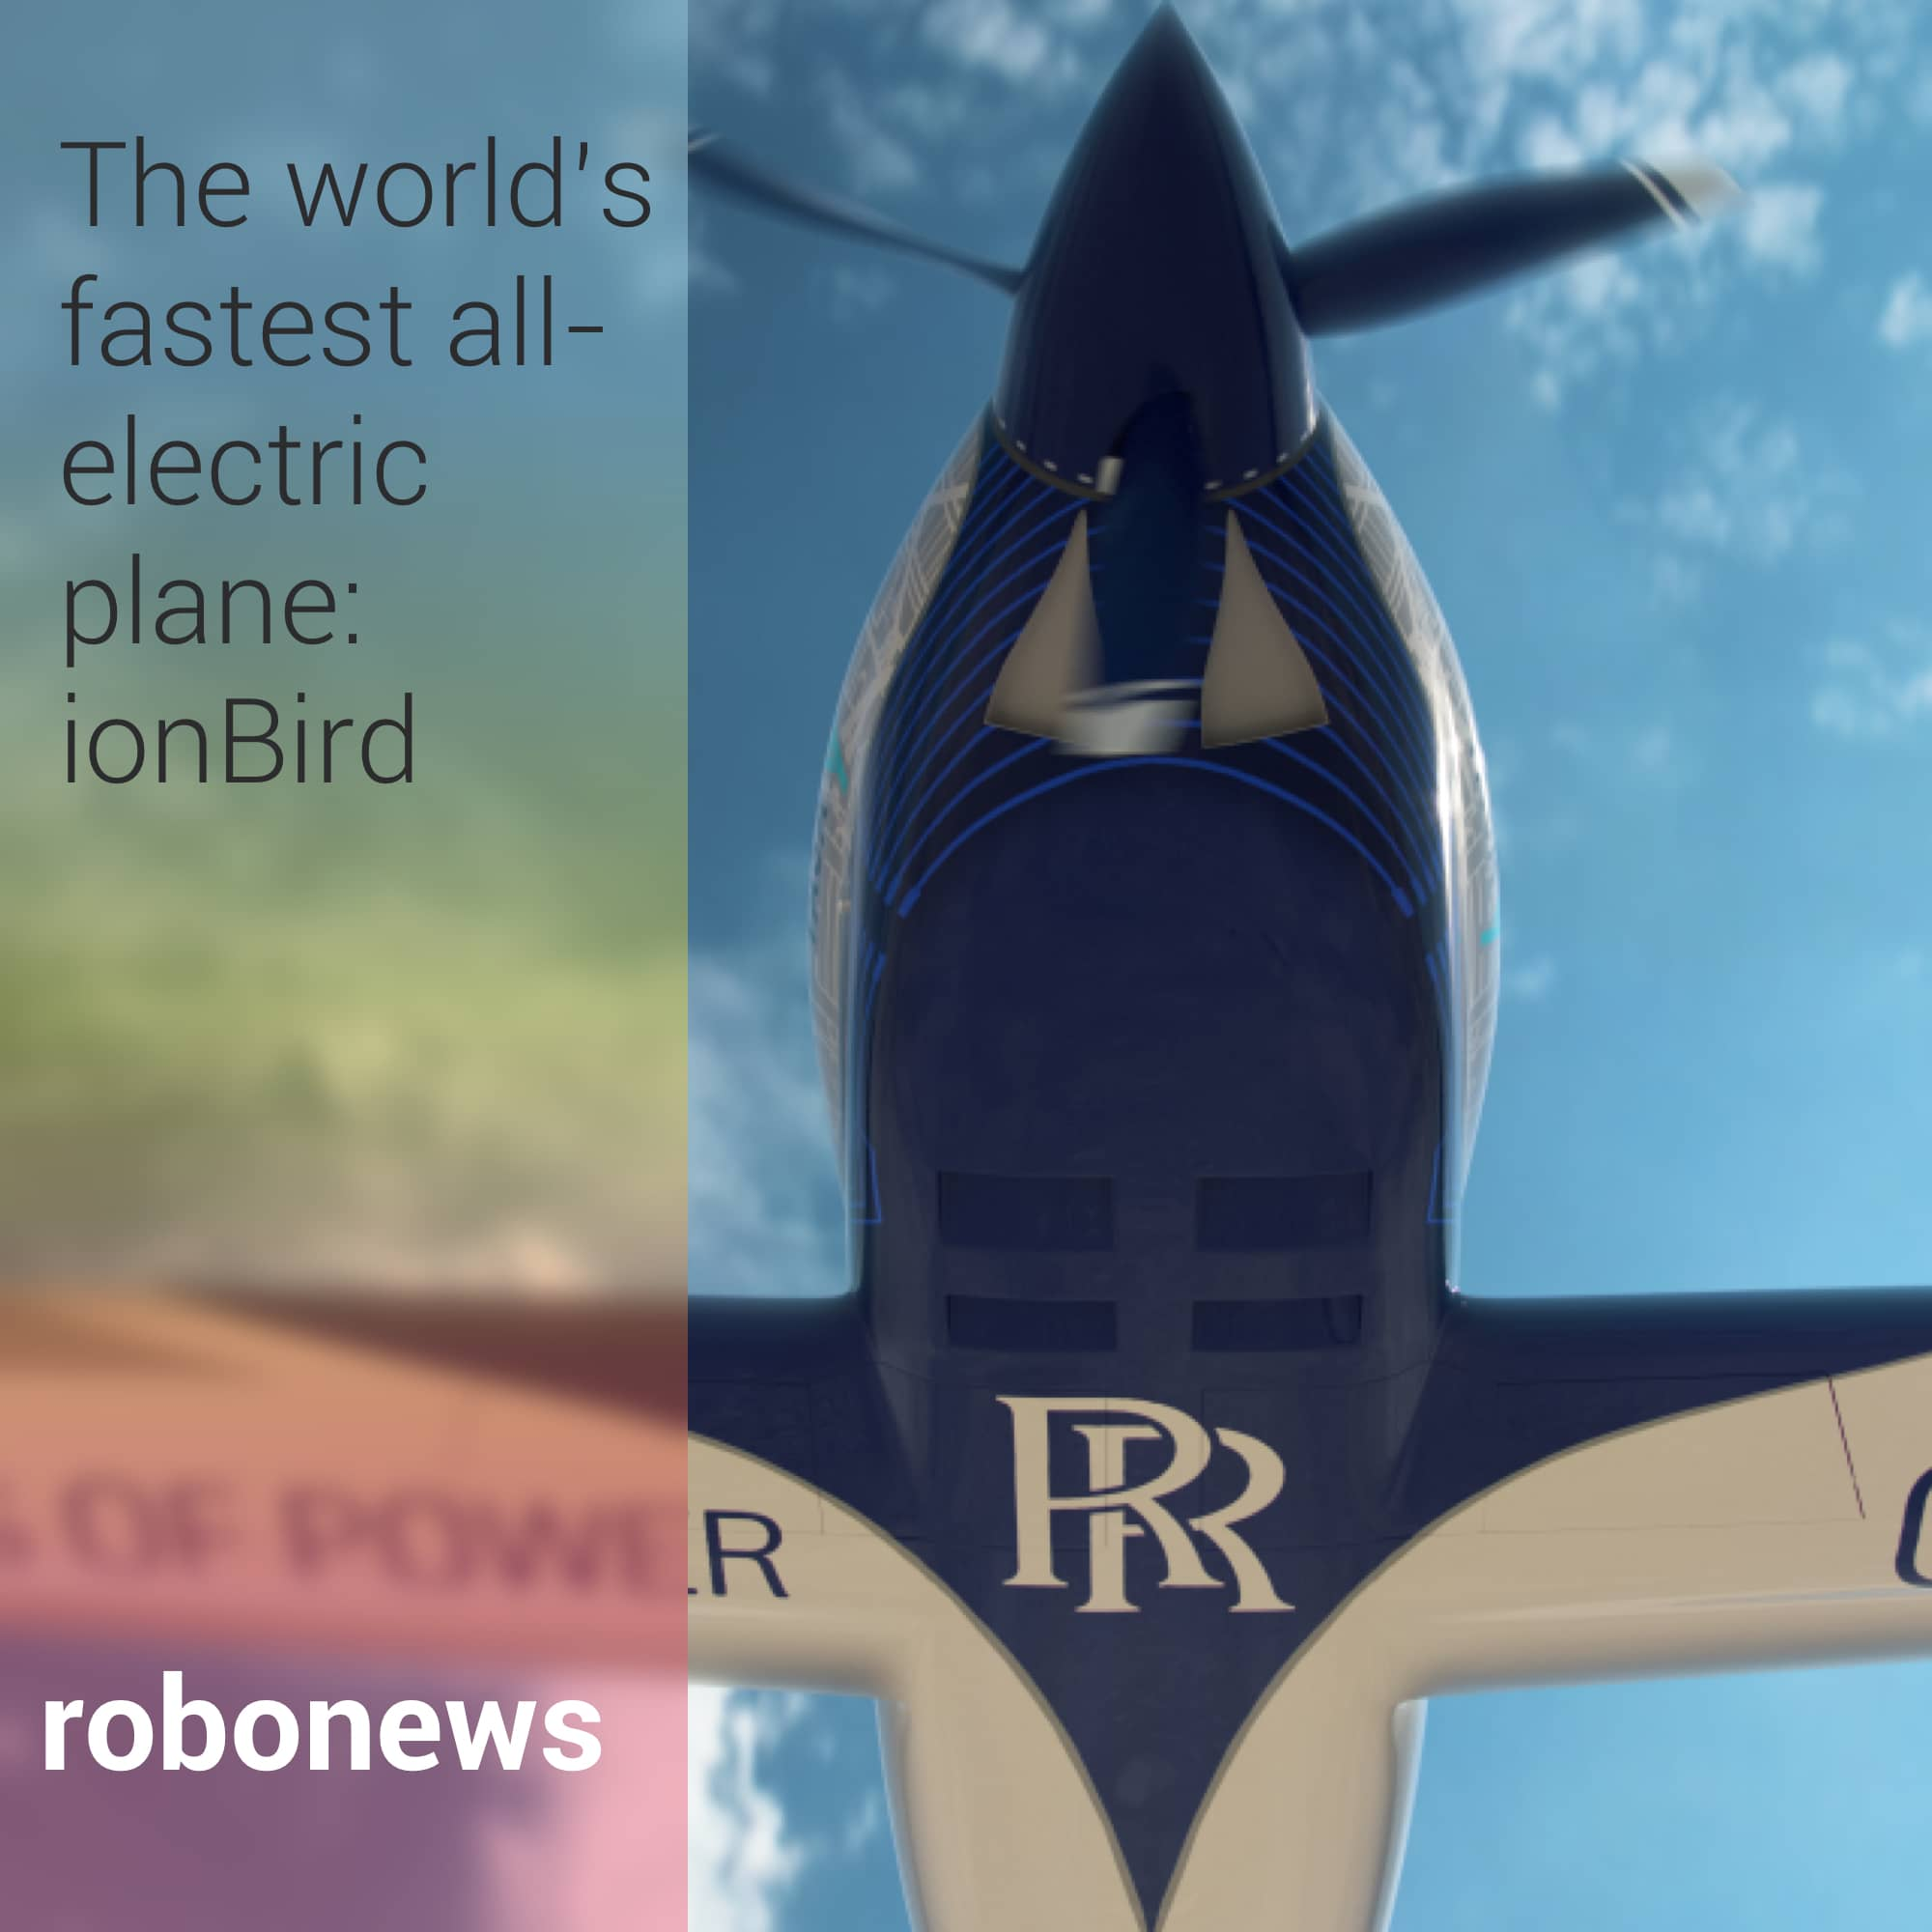 Rolls Royce's ionBird